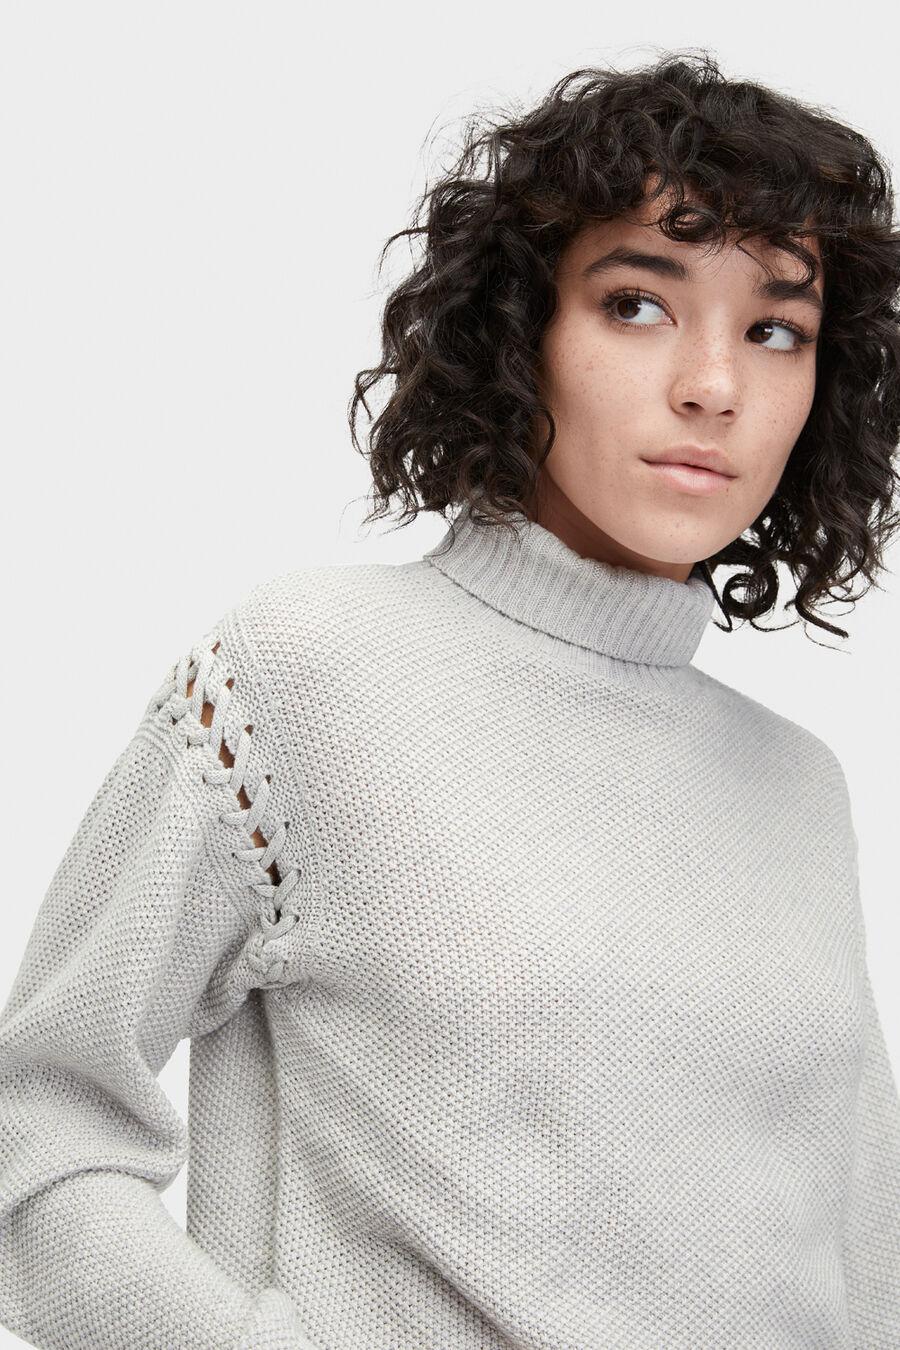 Gisele Turtleneck Sweater - Image 4 of 4